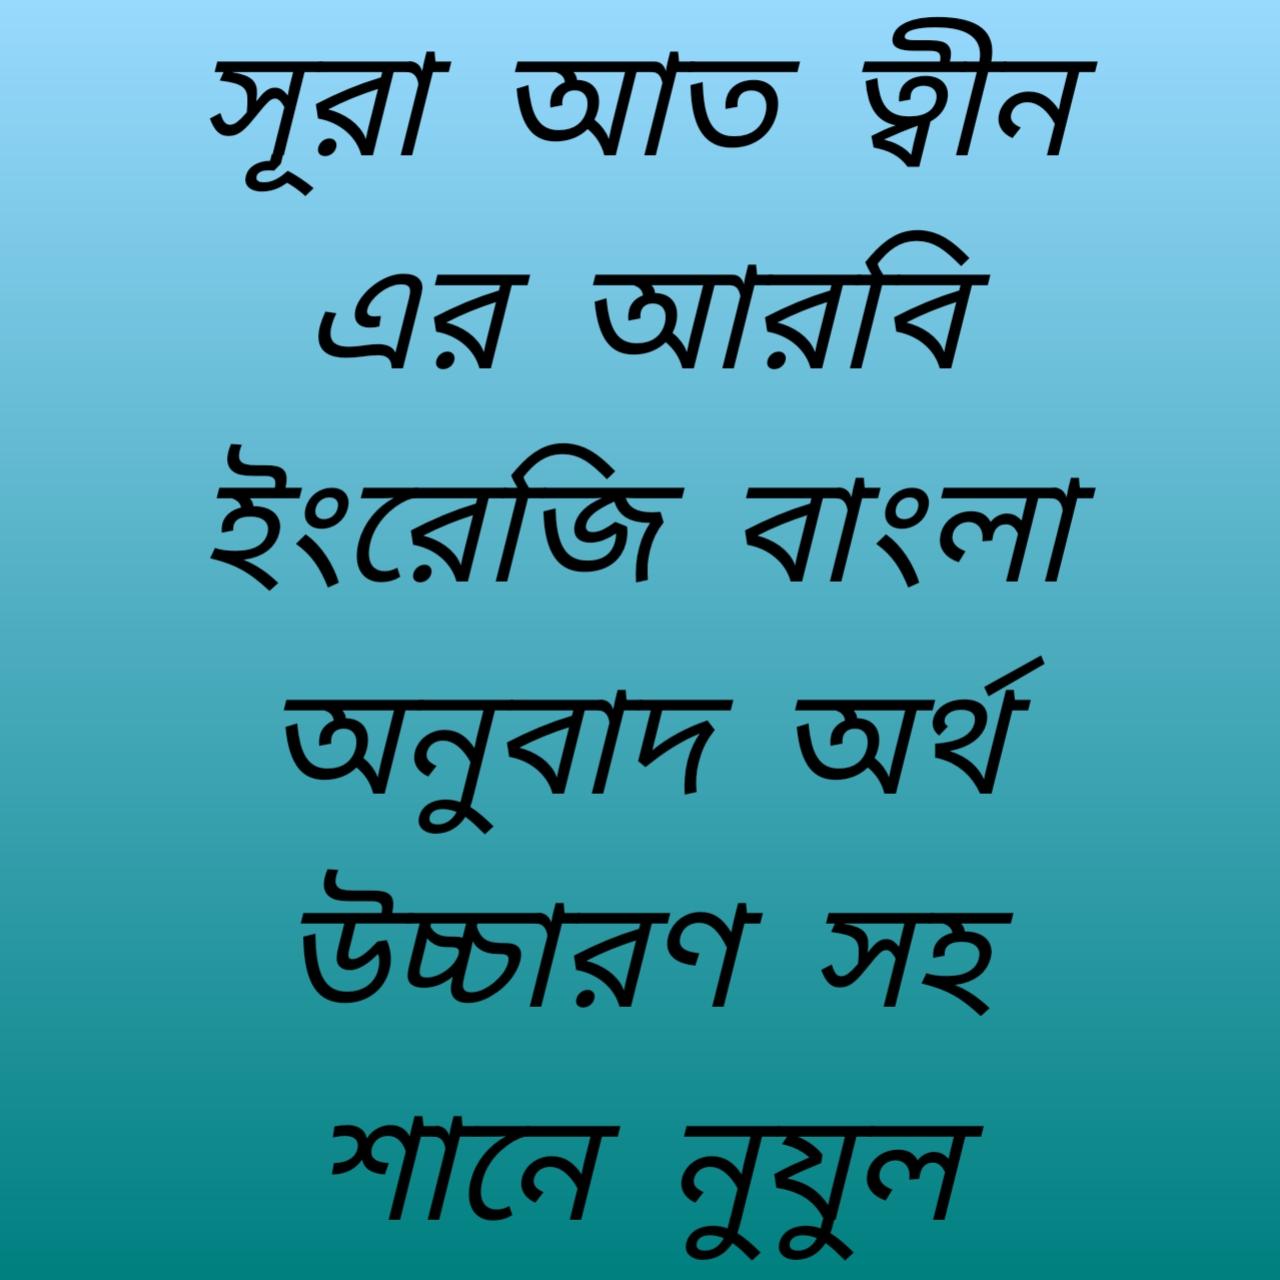 সূরা আত ত্বীন এর আরবি ইংরেজি বাংলা অনুবাদ অর্থ উচ্চারণ সহ শানে নুযুল Surah-Tim's Tarrior English Bangla Translate Meaning with Shannuf's Nunul |